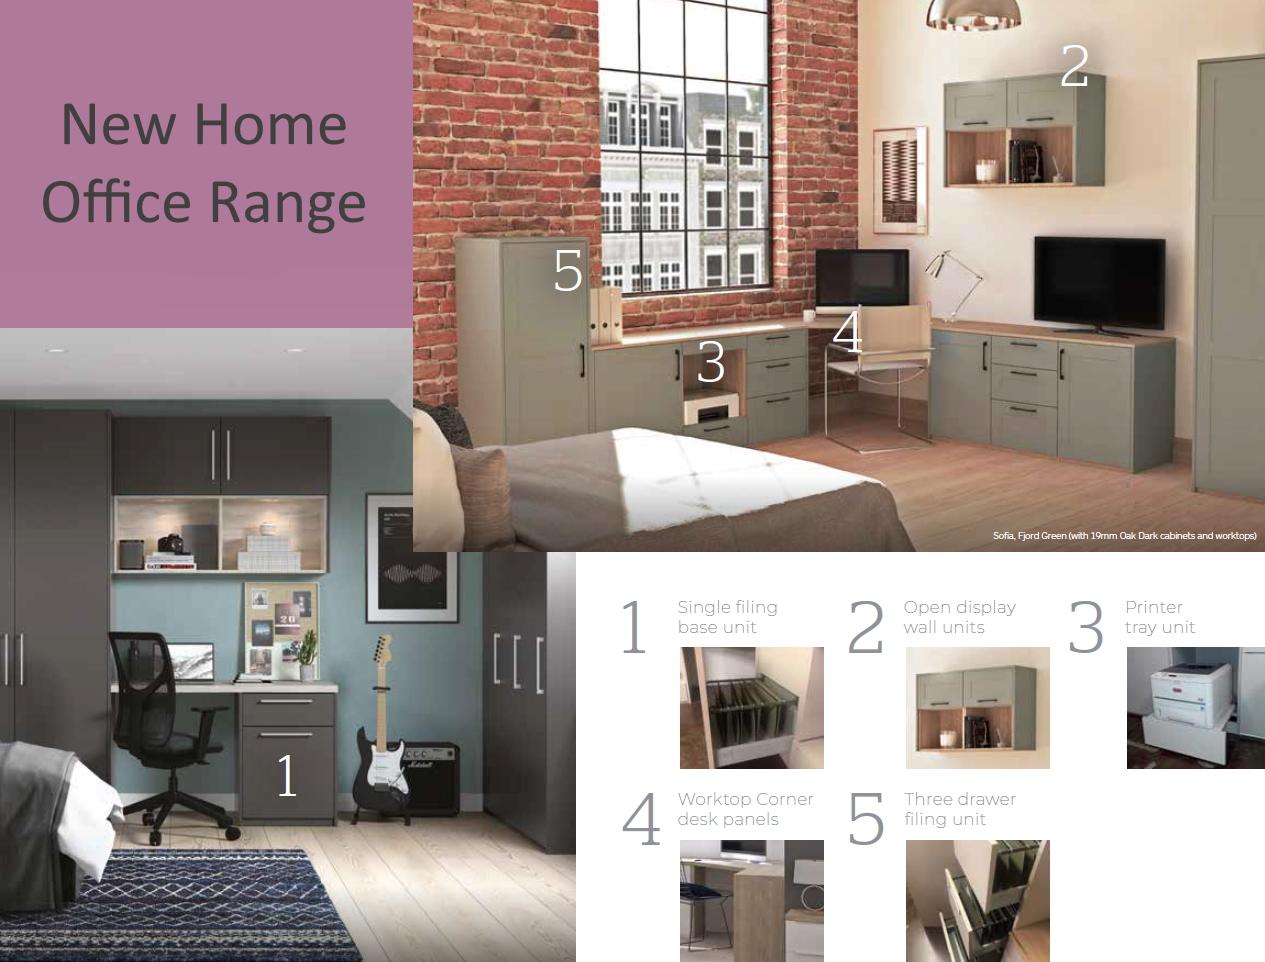 New Home Office Range